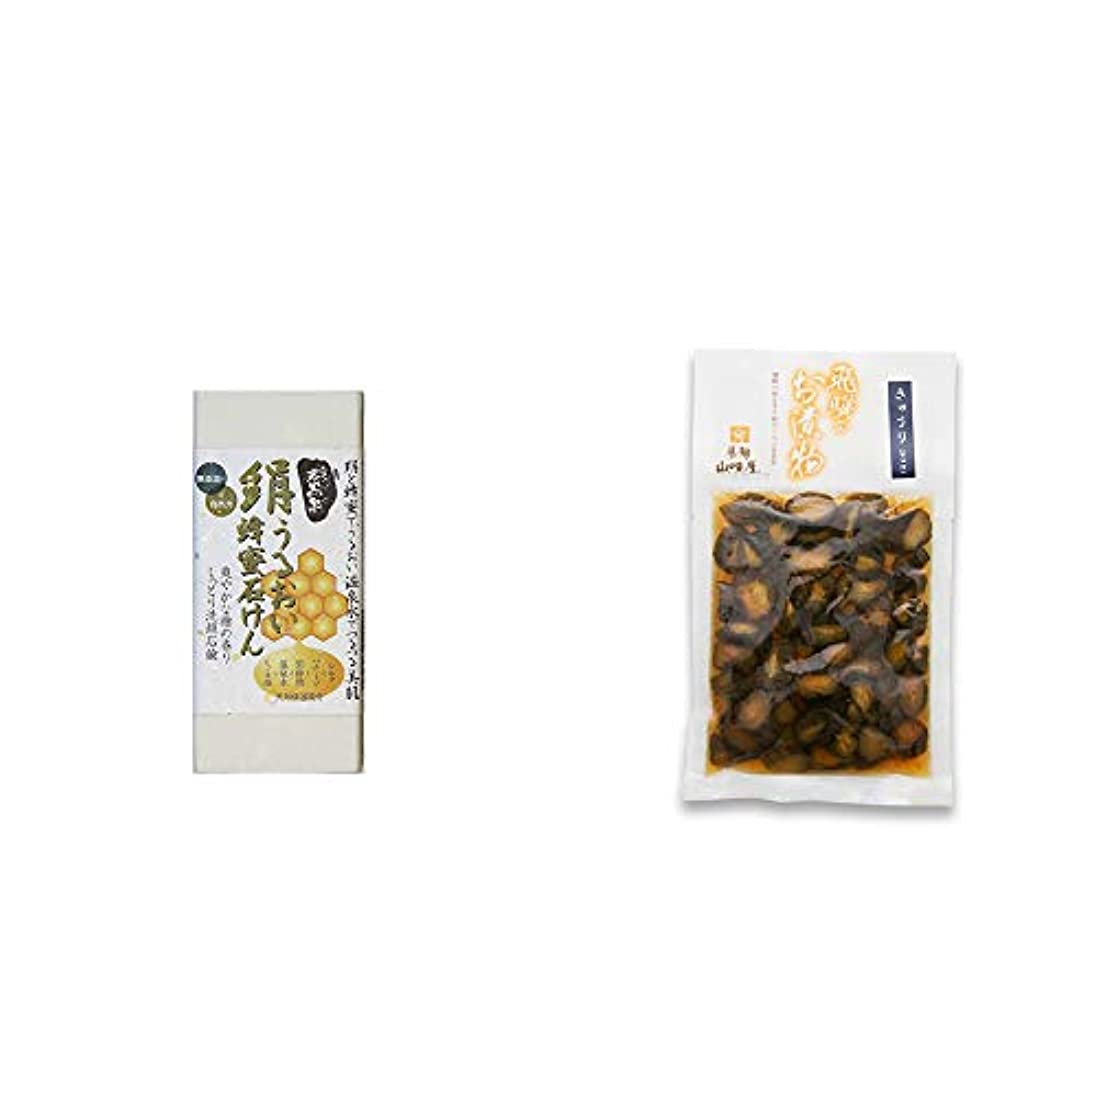 ブロックする爬虫類よく話される[2点セット] ひのき炭黒泉 絹うるおい蜂蜜石けん(75g×2)?飛騨山味屋 きゅうり醤油漬(150g)